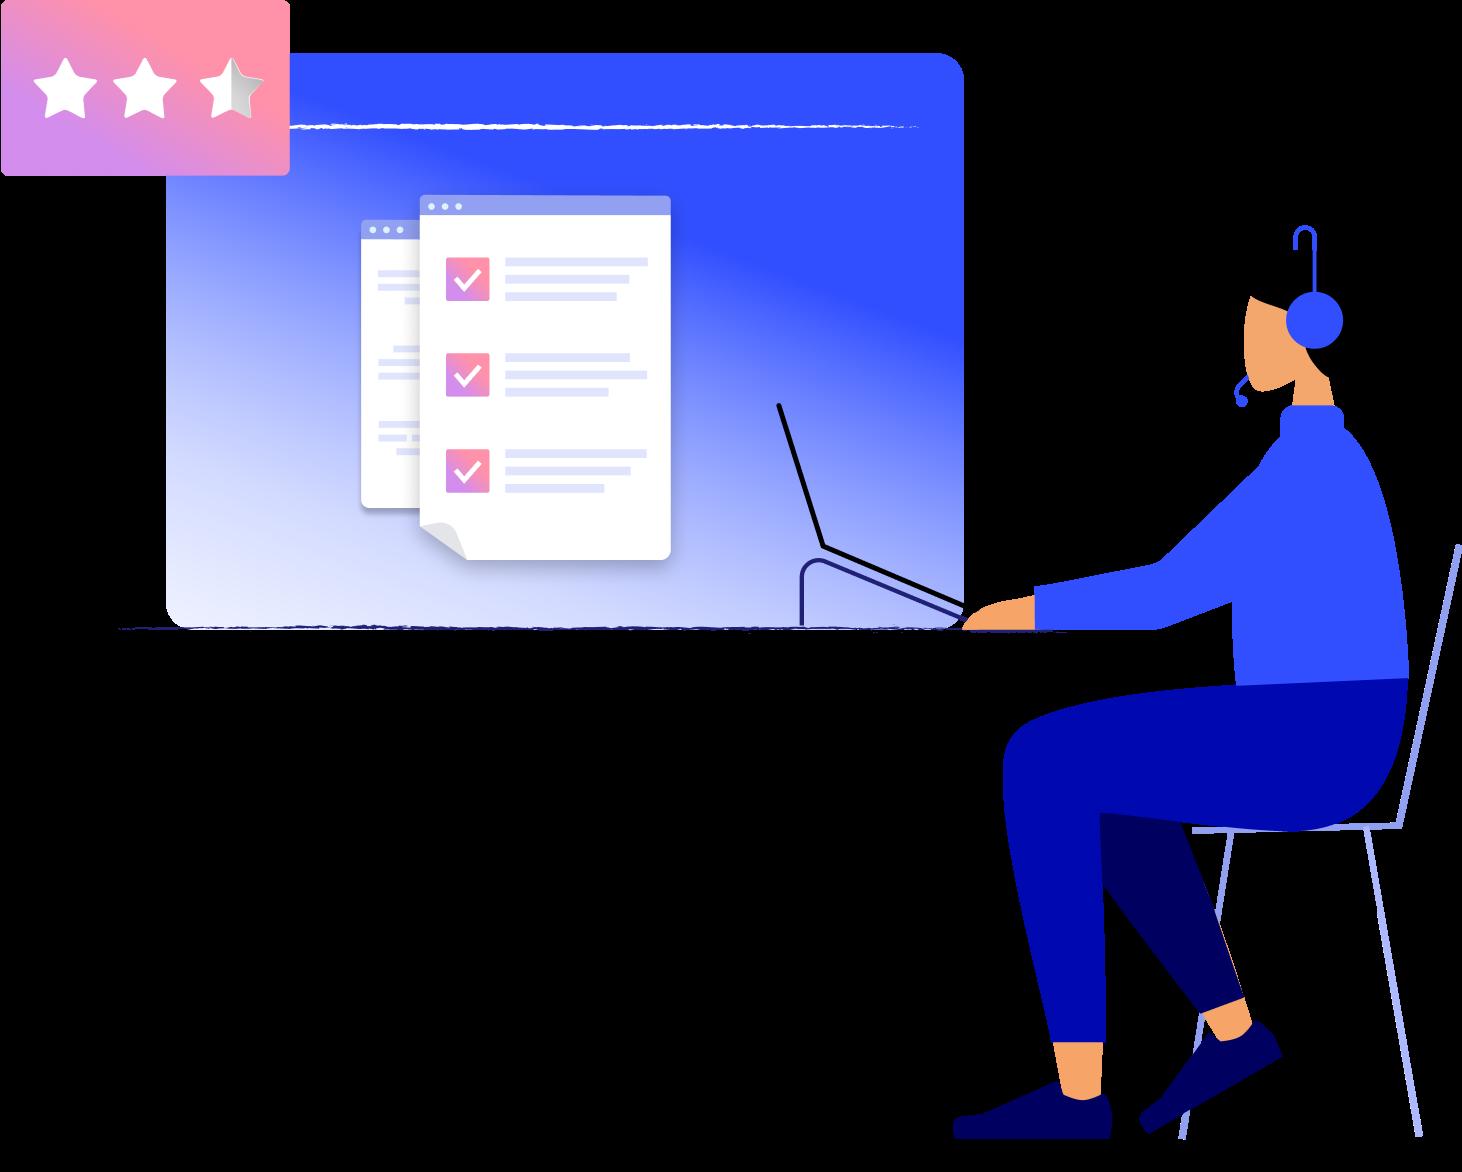 Customer satisfaction hero illustration